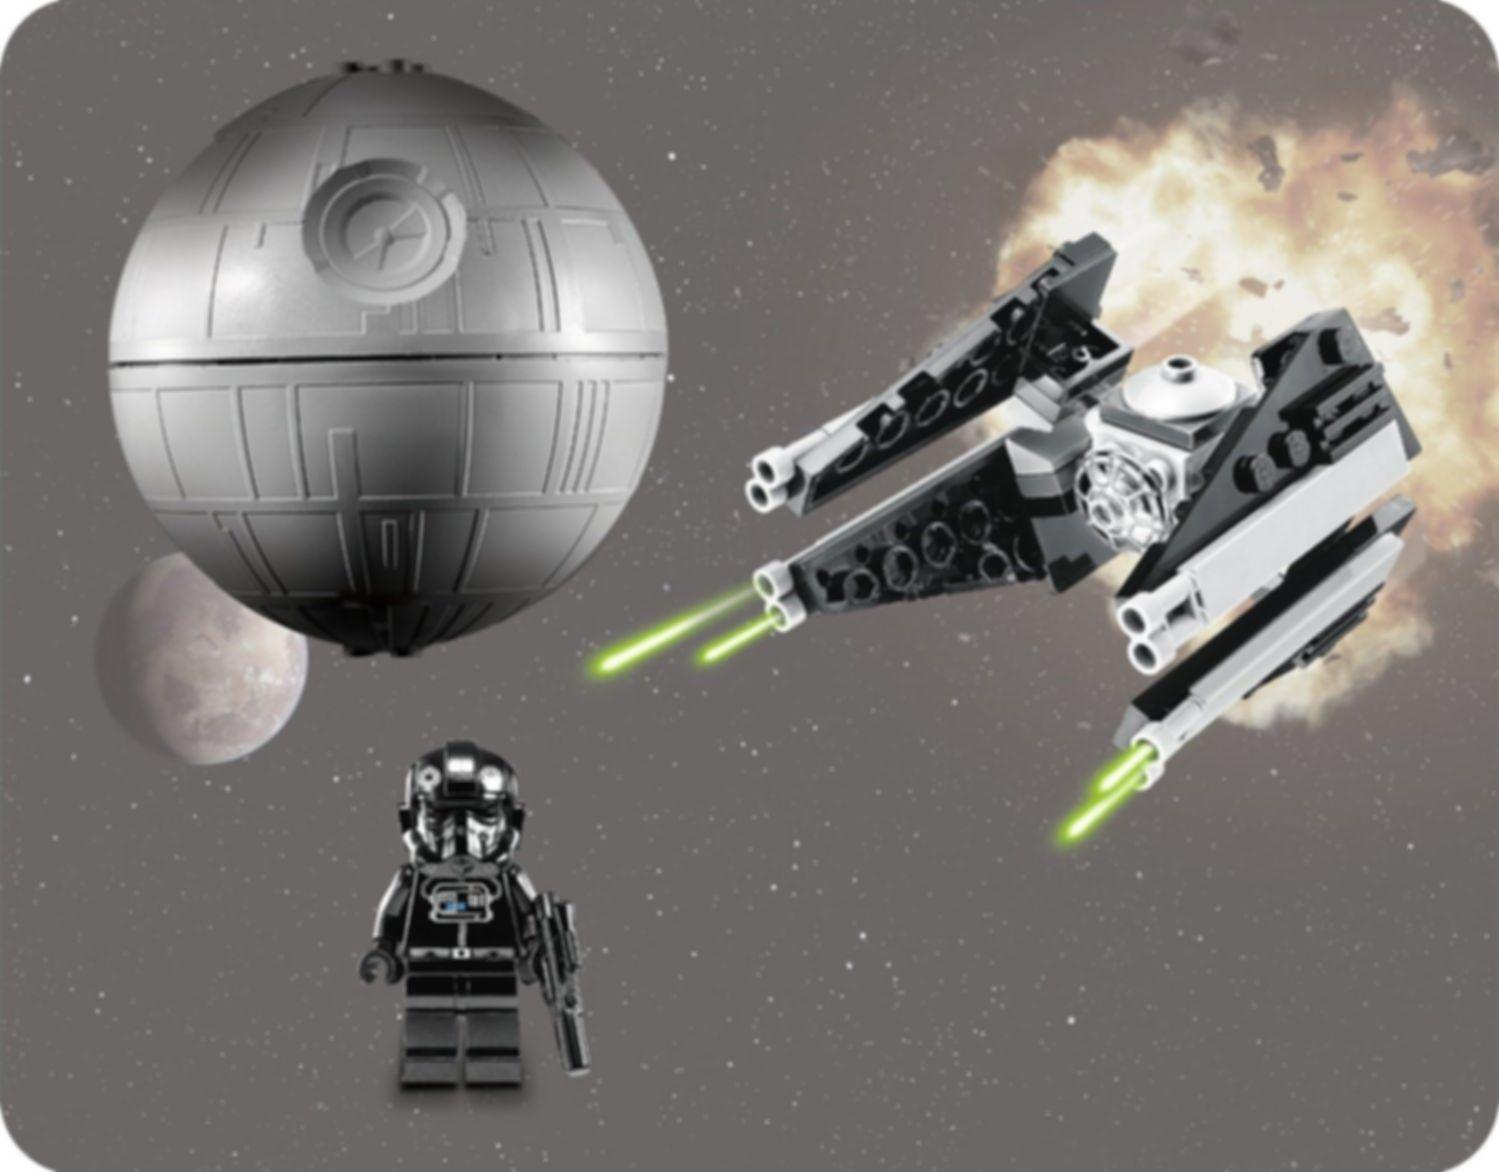 LEGO® Star Wars TIE Interceptor & Death Star gameplay